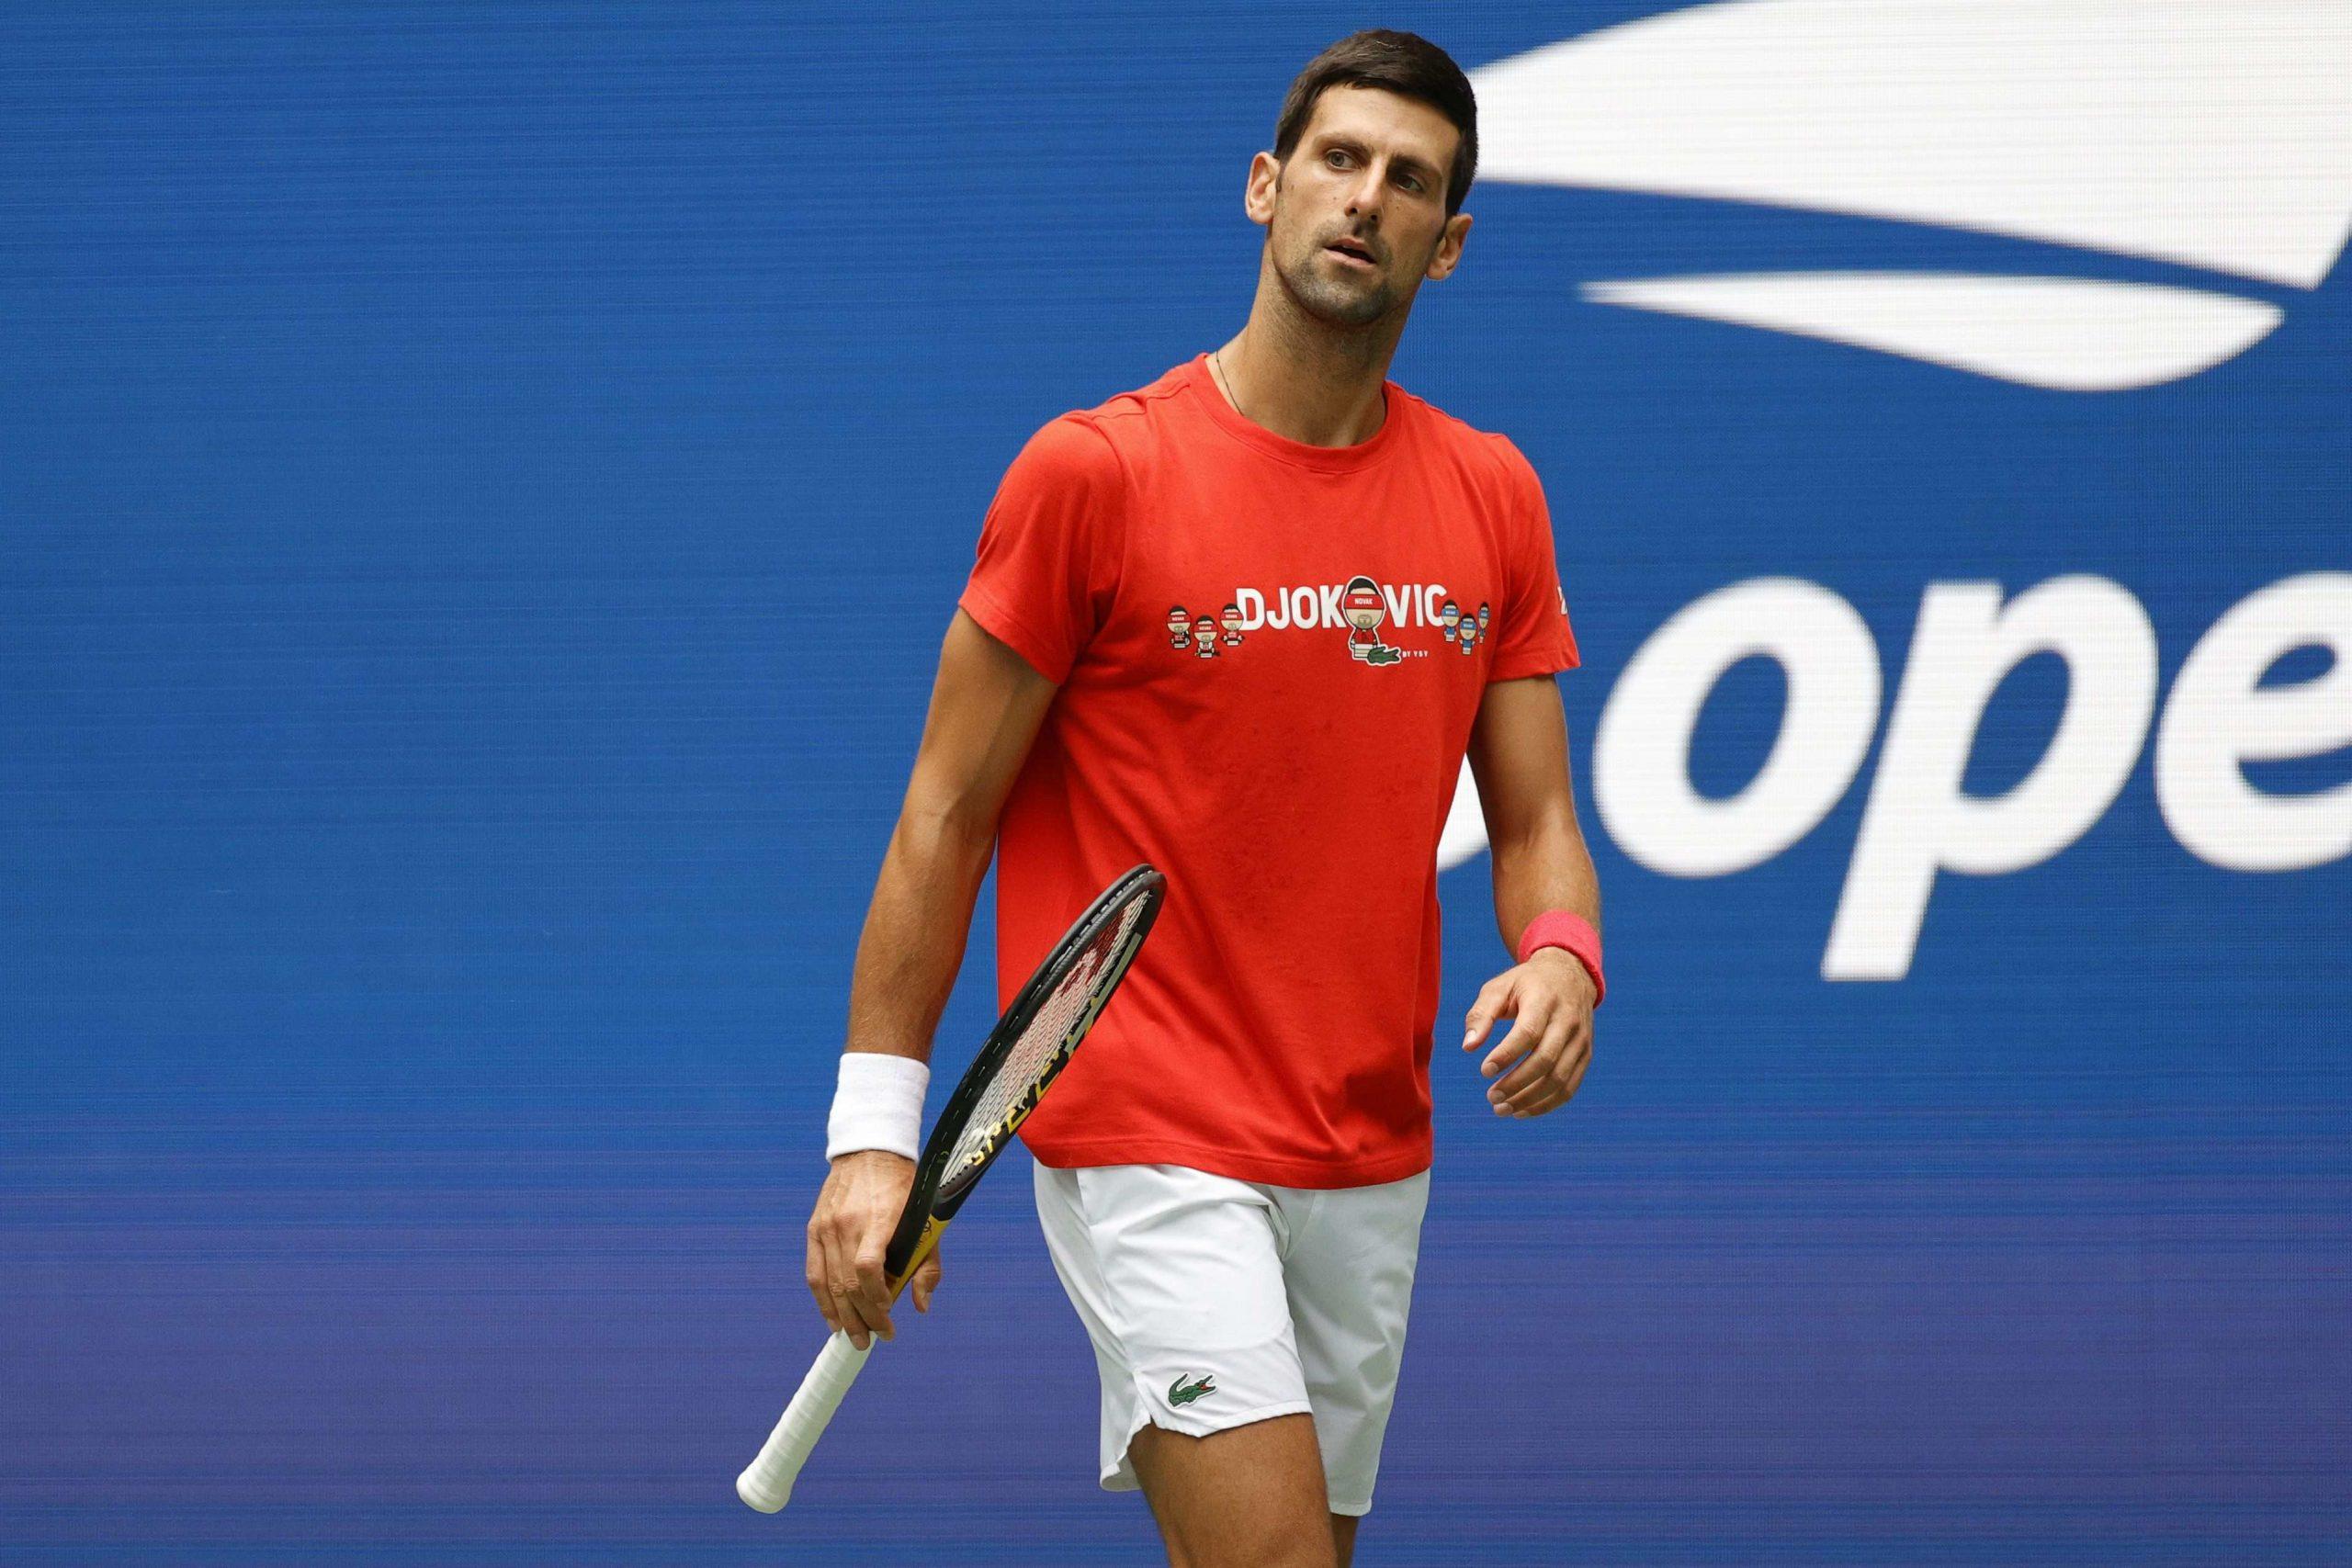 Djokovic buscará hacer historia en el US Open - Prensa Libre